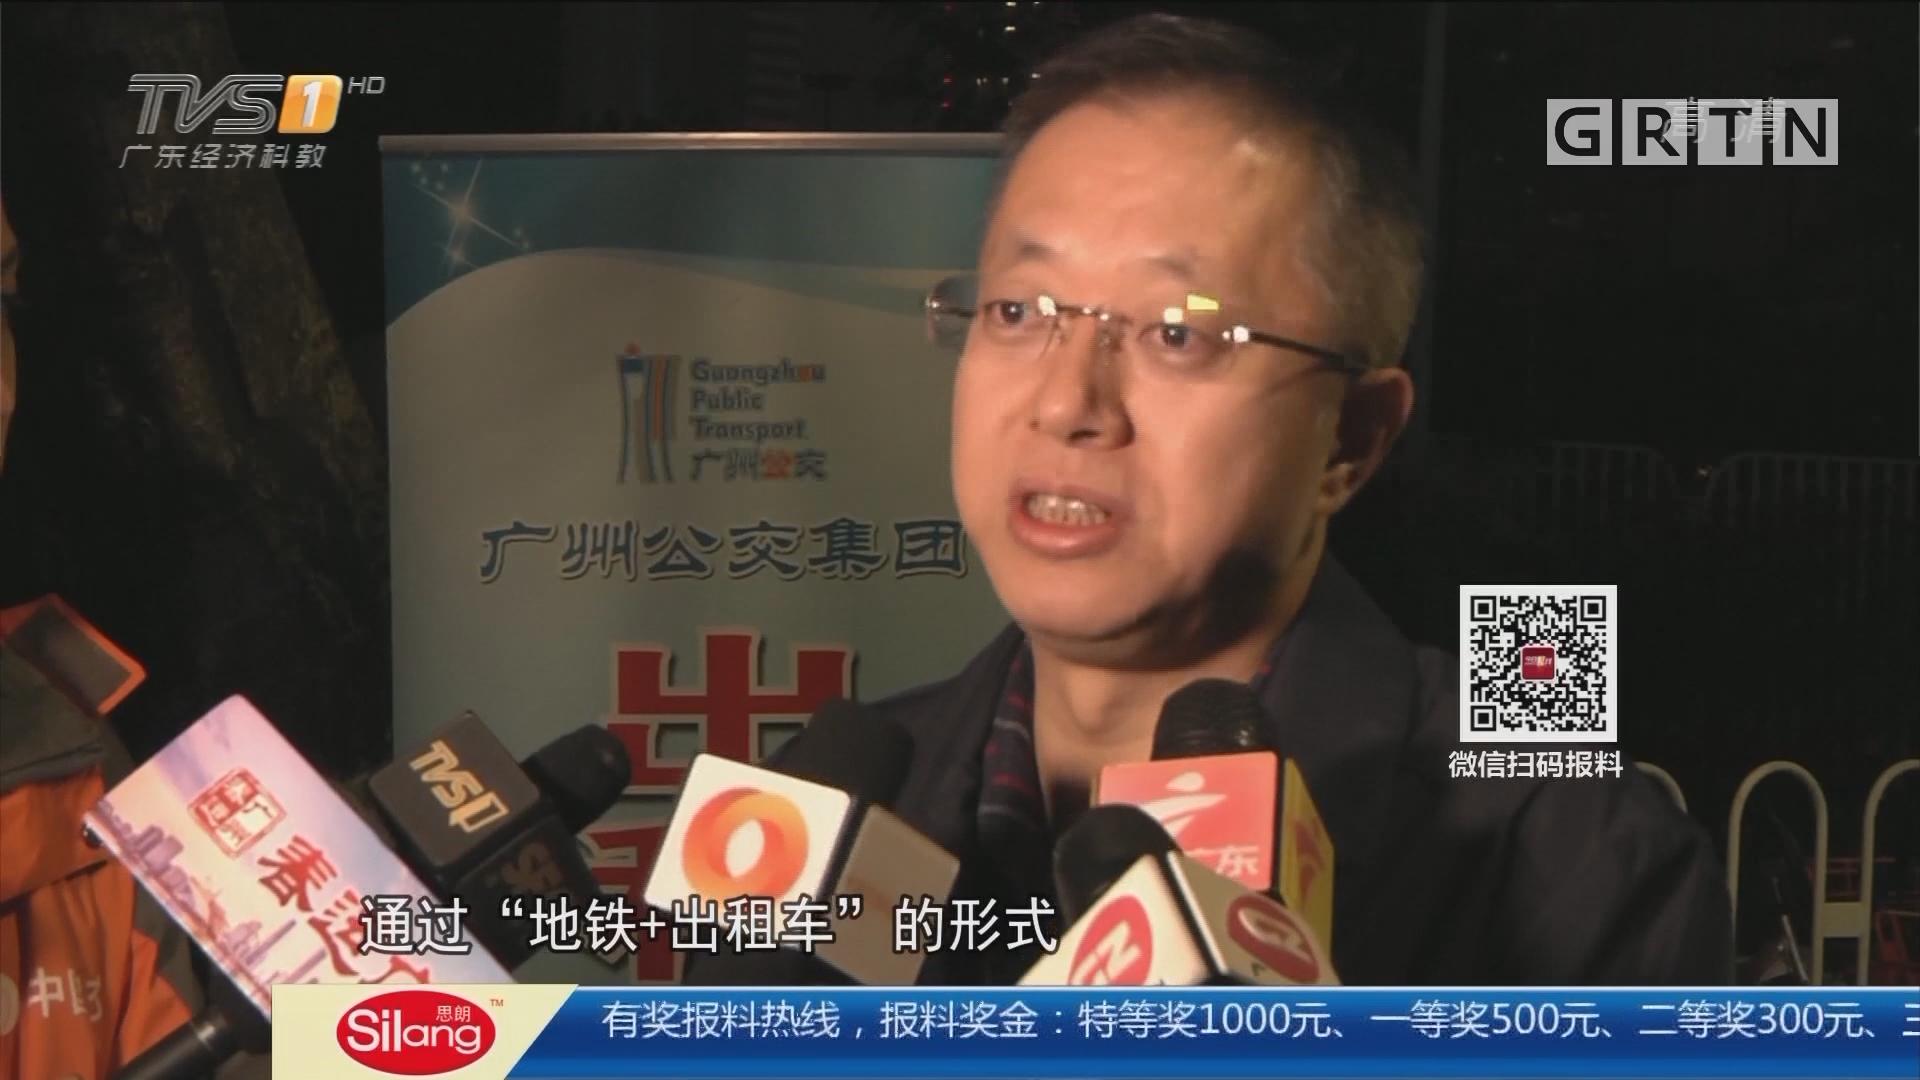 春节返程高峰:白云机场 应对返程高峰 多部门提前部署优化出行